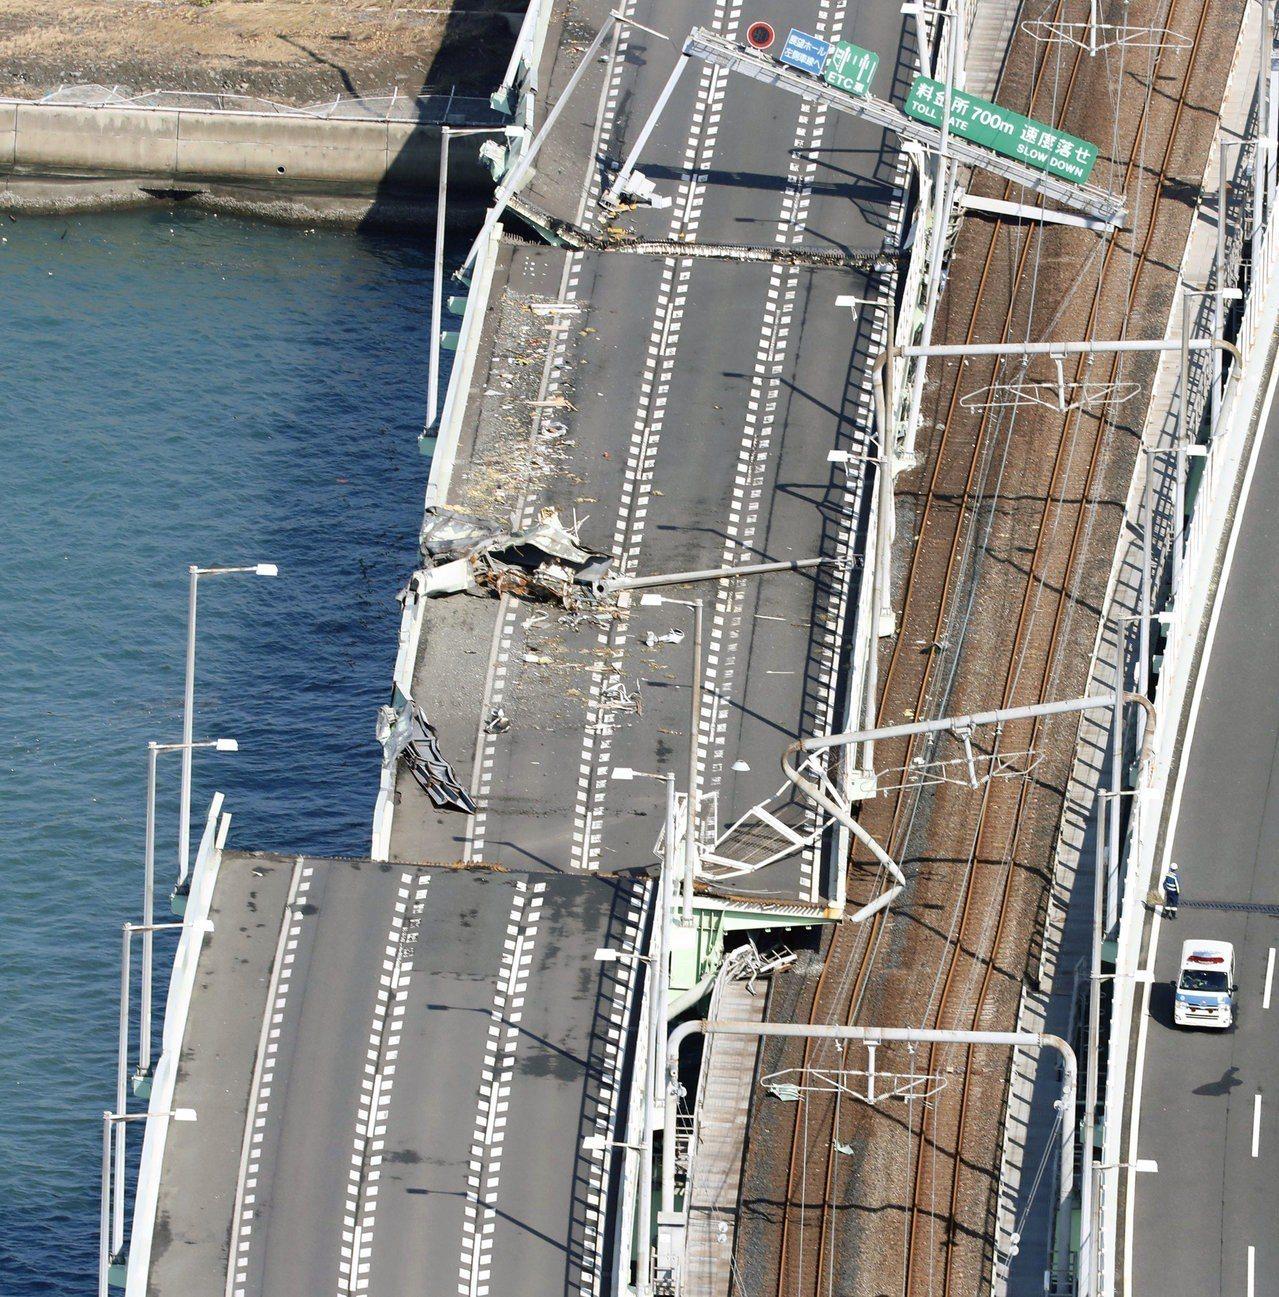 關西機場對外聯絡橋被油輪攔腰撞上嚴重損毀。圖/路透